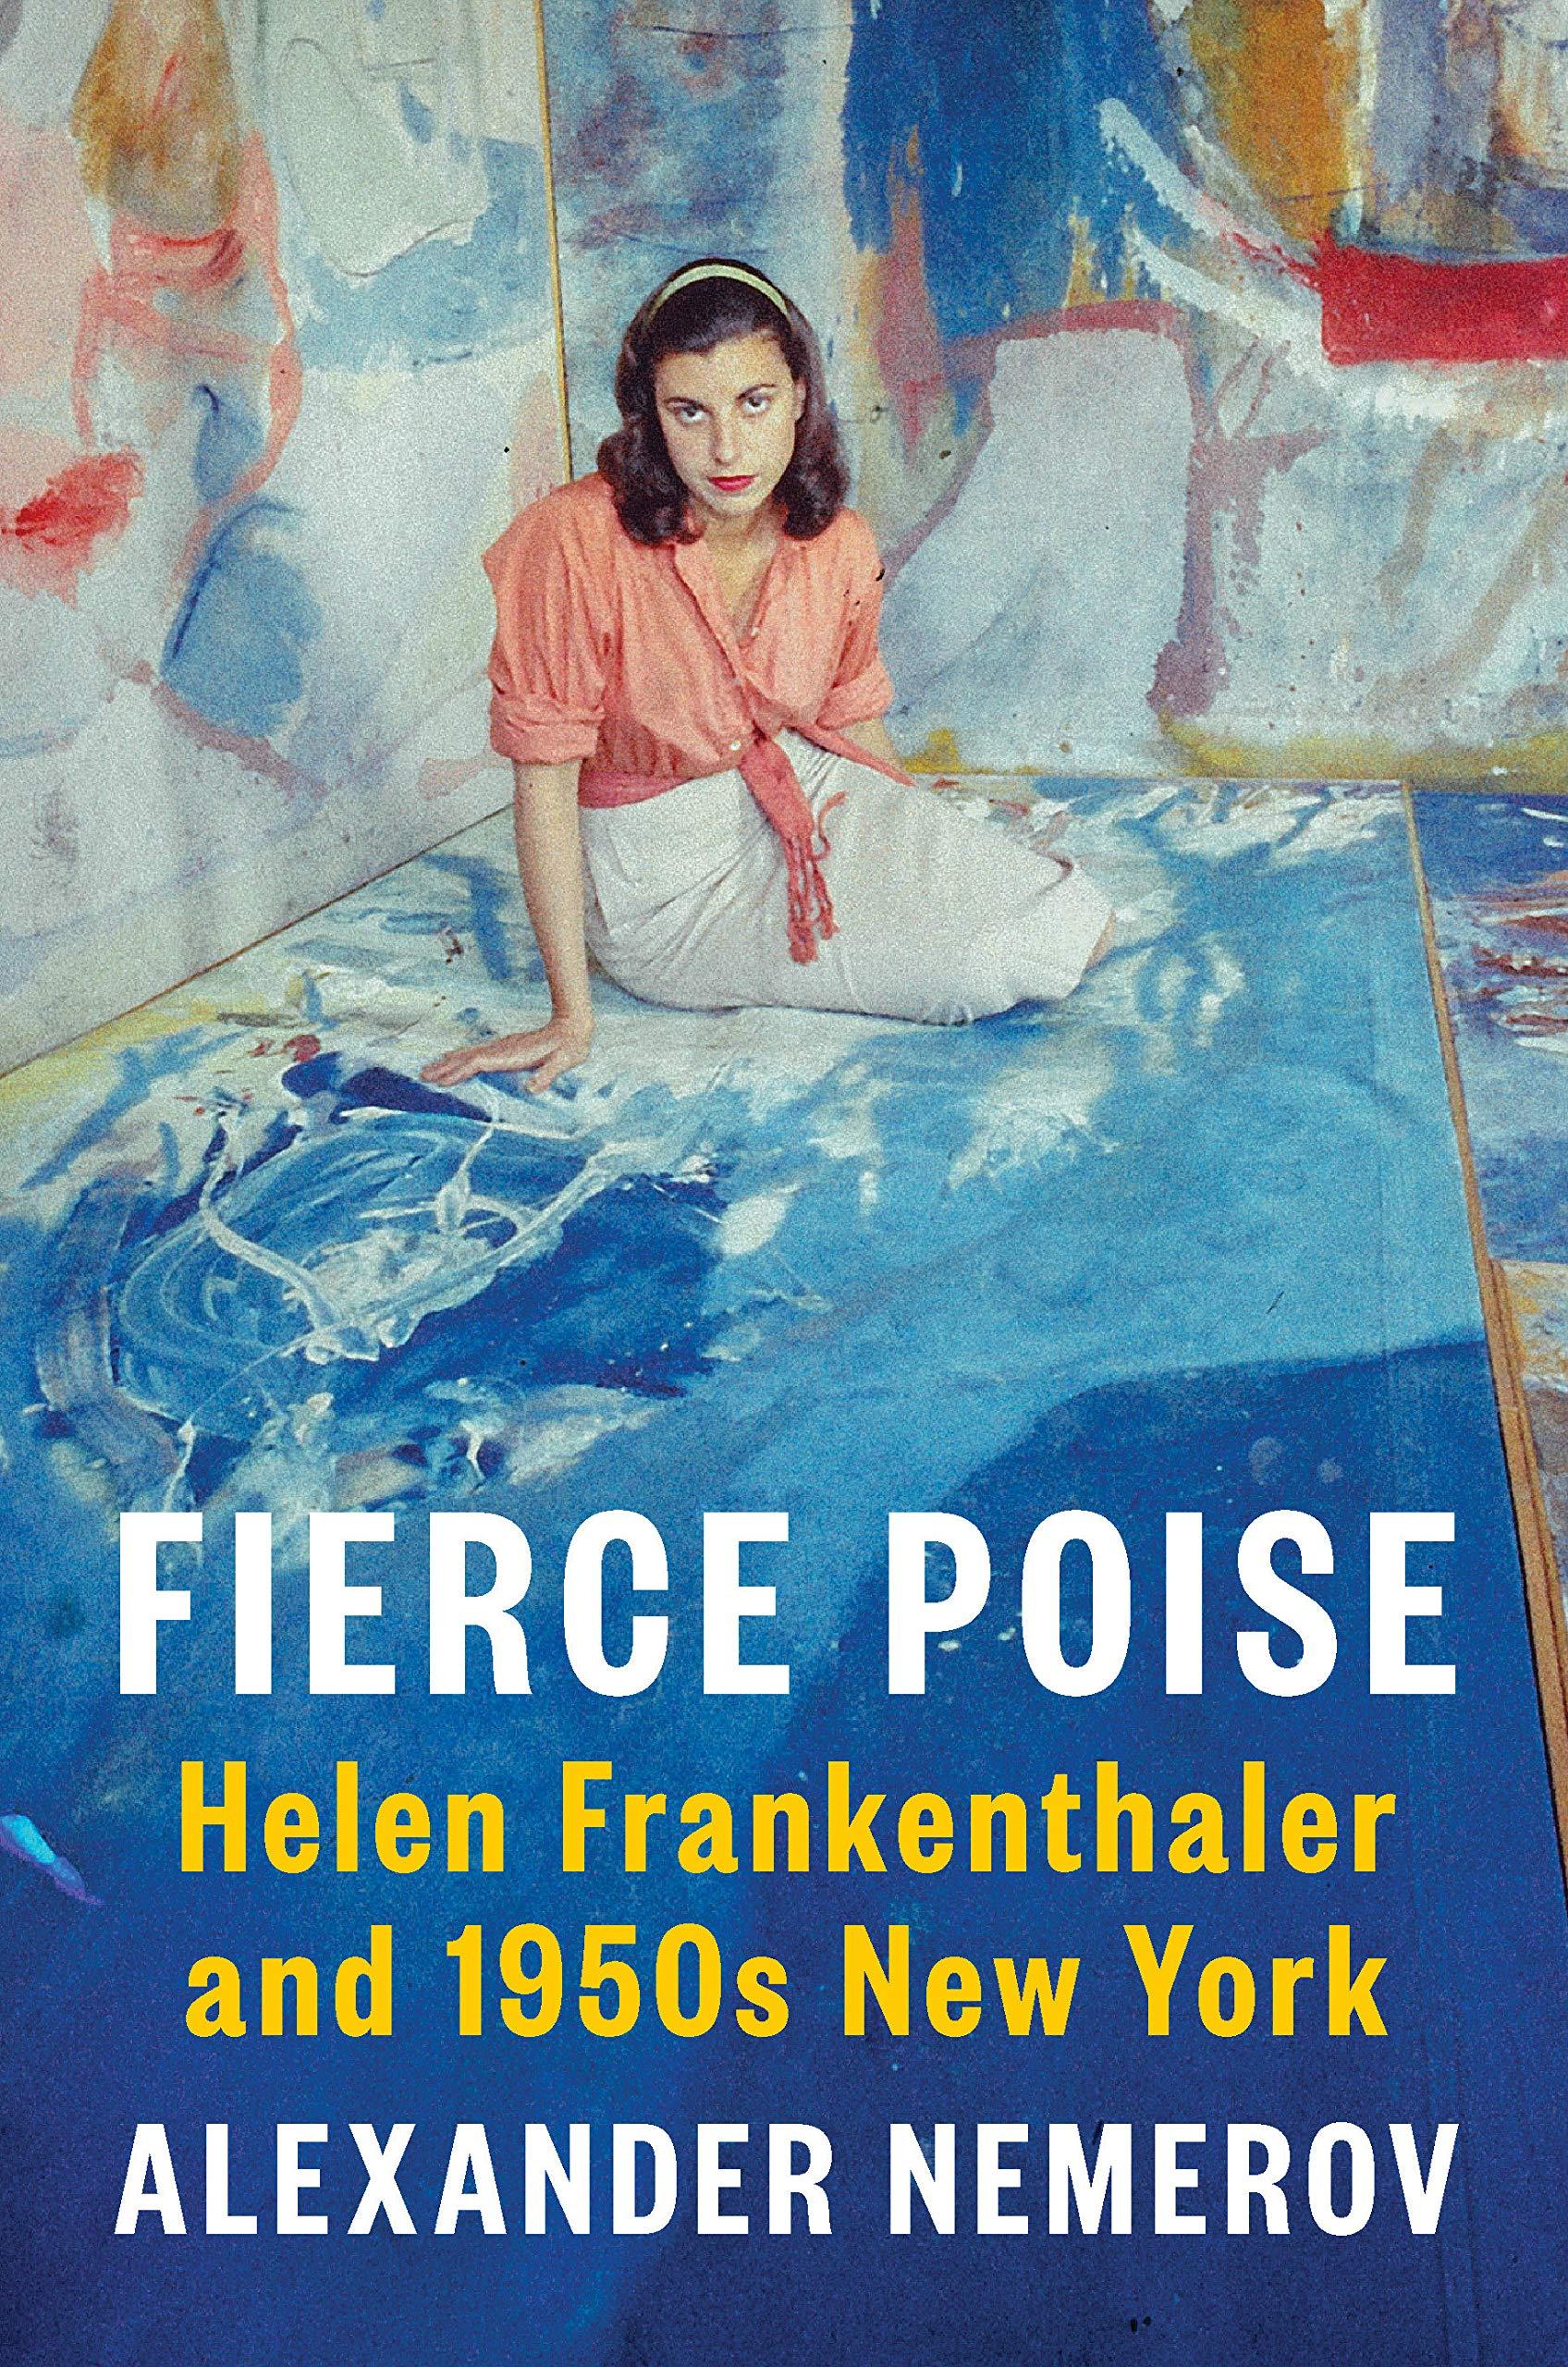 Fierce Poise: Helen Frankenthaler and 1950s New York